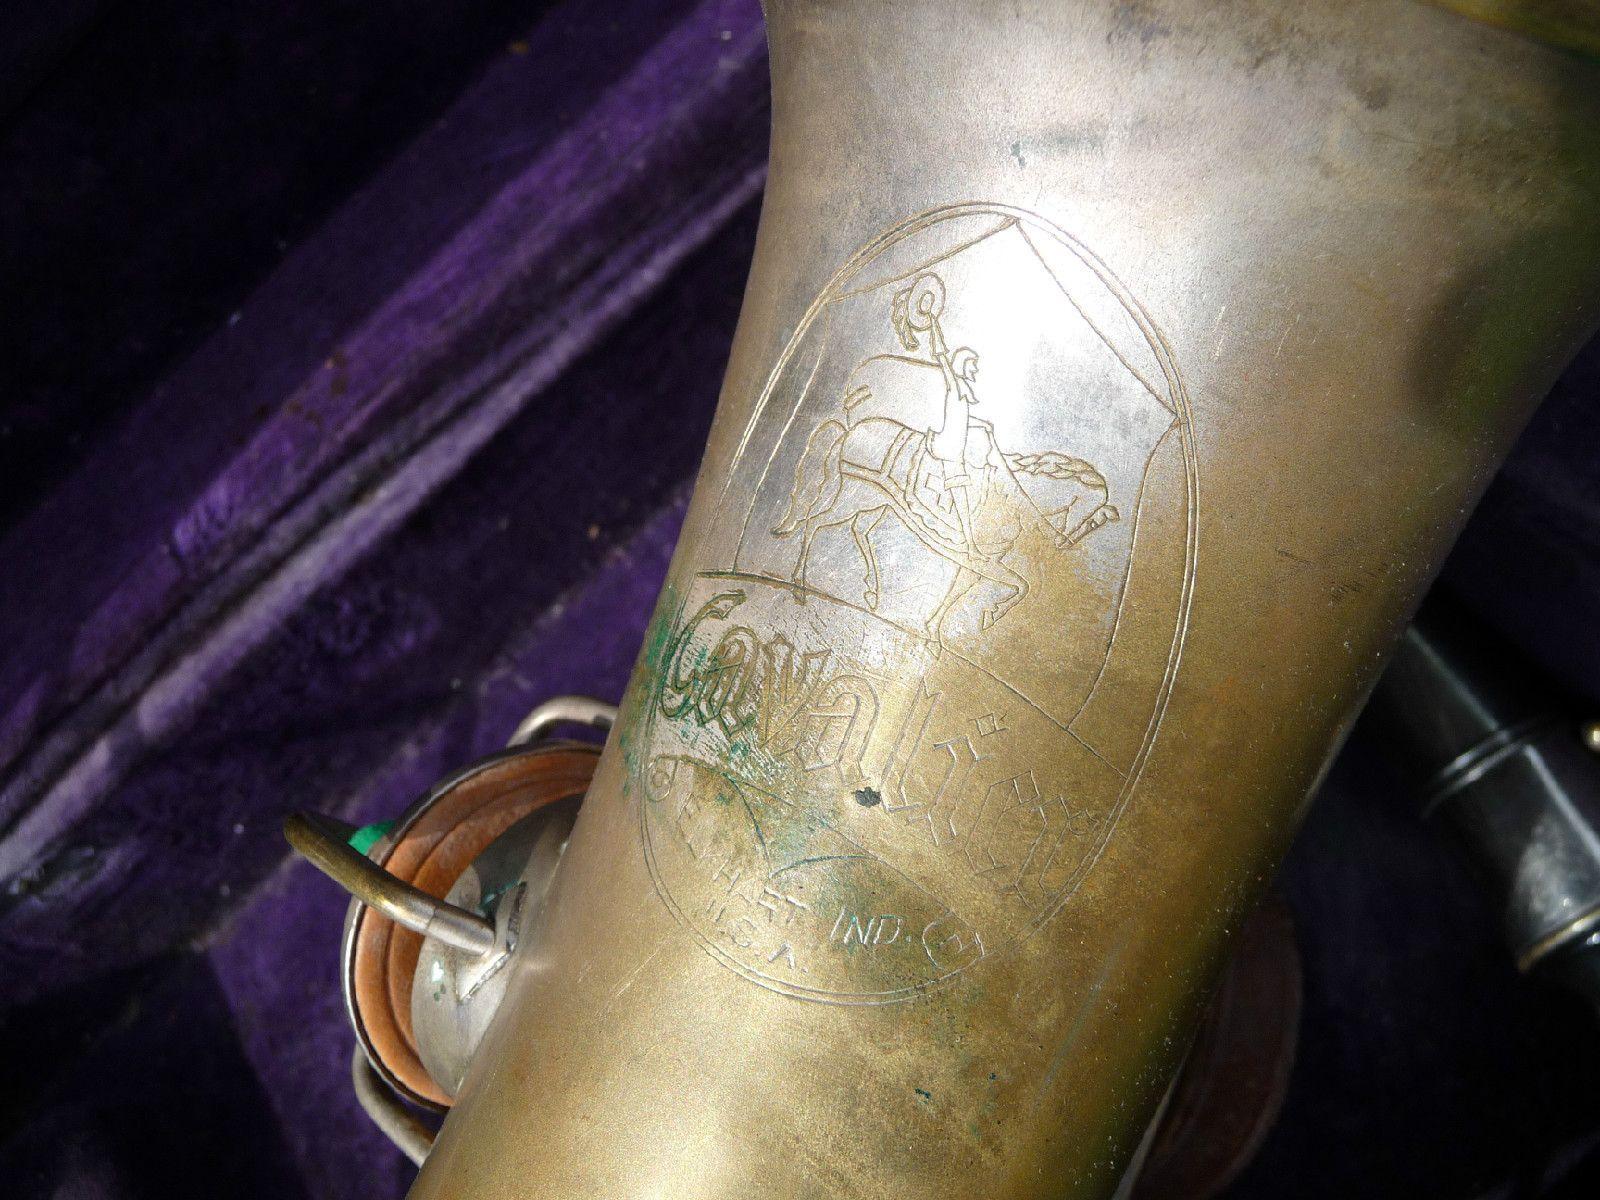 Vintage Cavalier Saxophone Elkhart Ind USA Pat Sept 14 1915